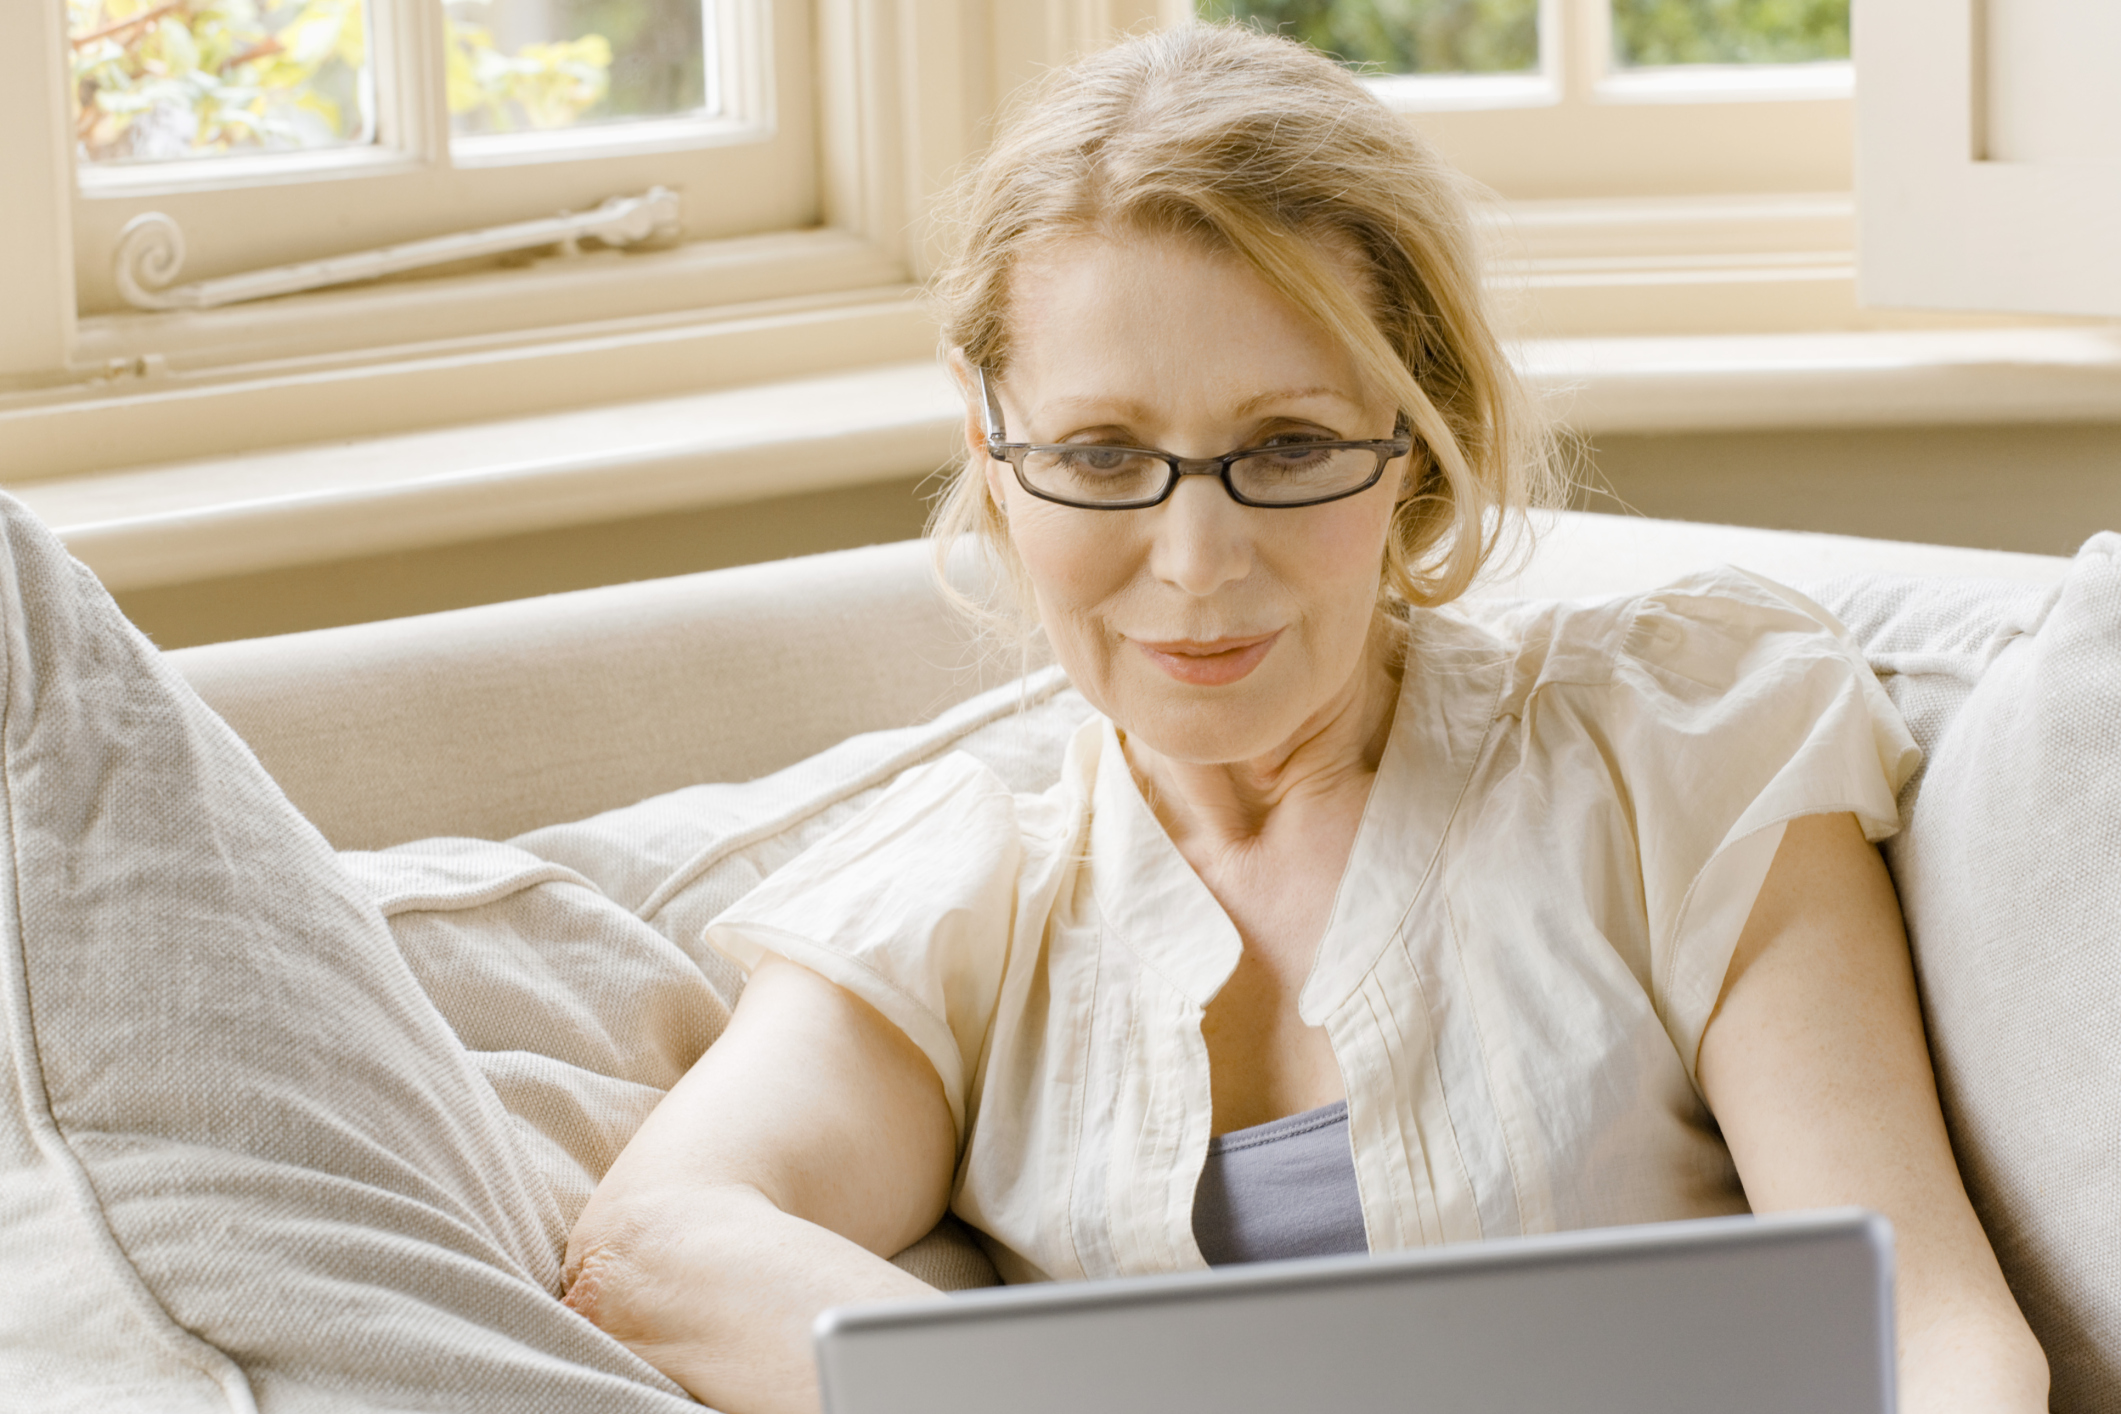 Peinados para mujeres de más de 50 años que usan gafas |